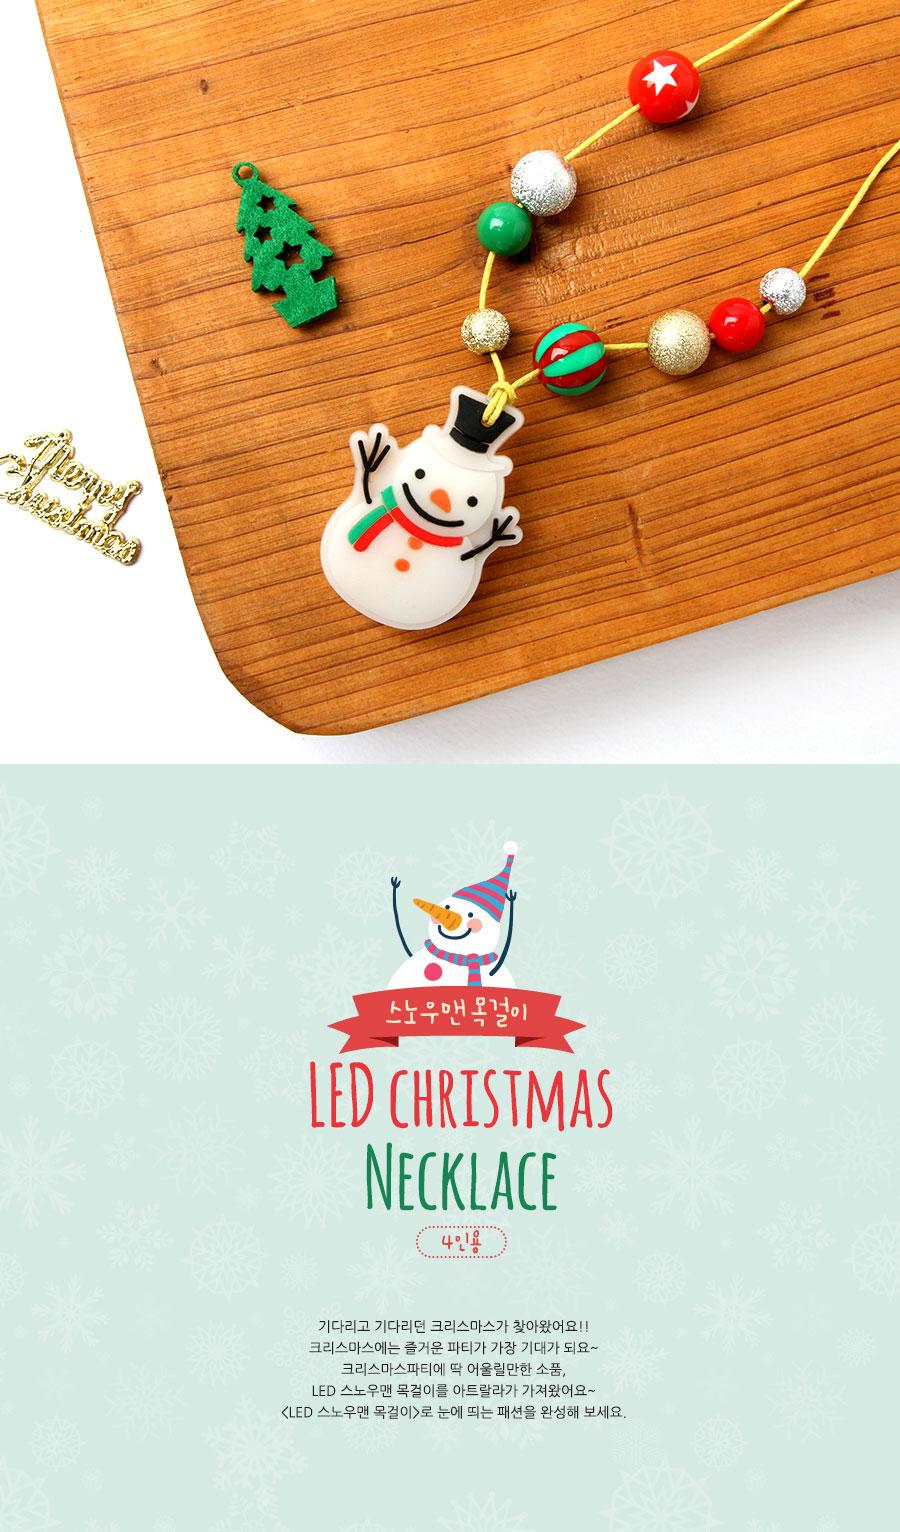 크리스마스 LED점등 목걸이 만들기(4인용)8,300원-아트랄라키덜트/취미, 핸드메이드/DIY, 펠트공예, 크리스마스 패키지바보사랑크리스마스 LED점등 목걸이 만들기(4인용)8,300원-아트랄라키덜트/취미, 핸드메이드/DIY, 펠트공예, 크리스마스 패키지바보사랑